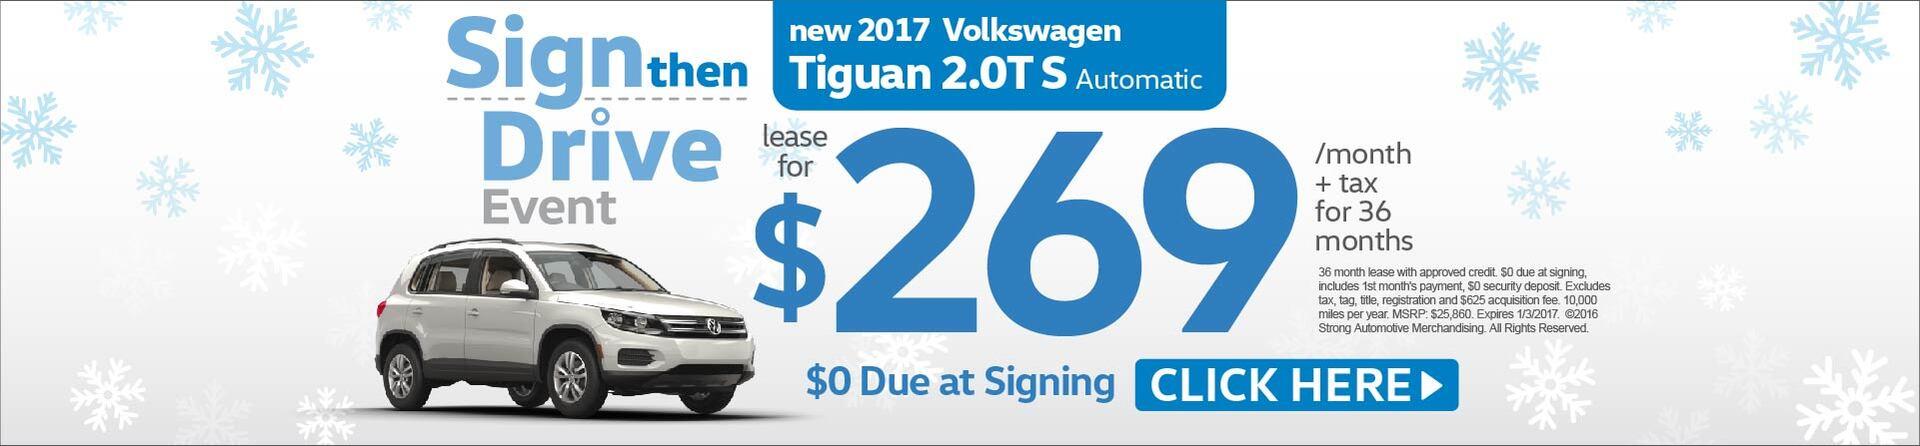 Volkswagen Dealership And Service Center Austin Tx